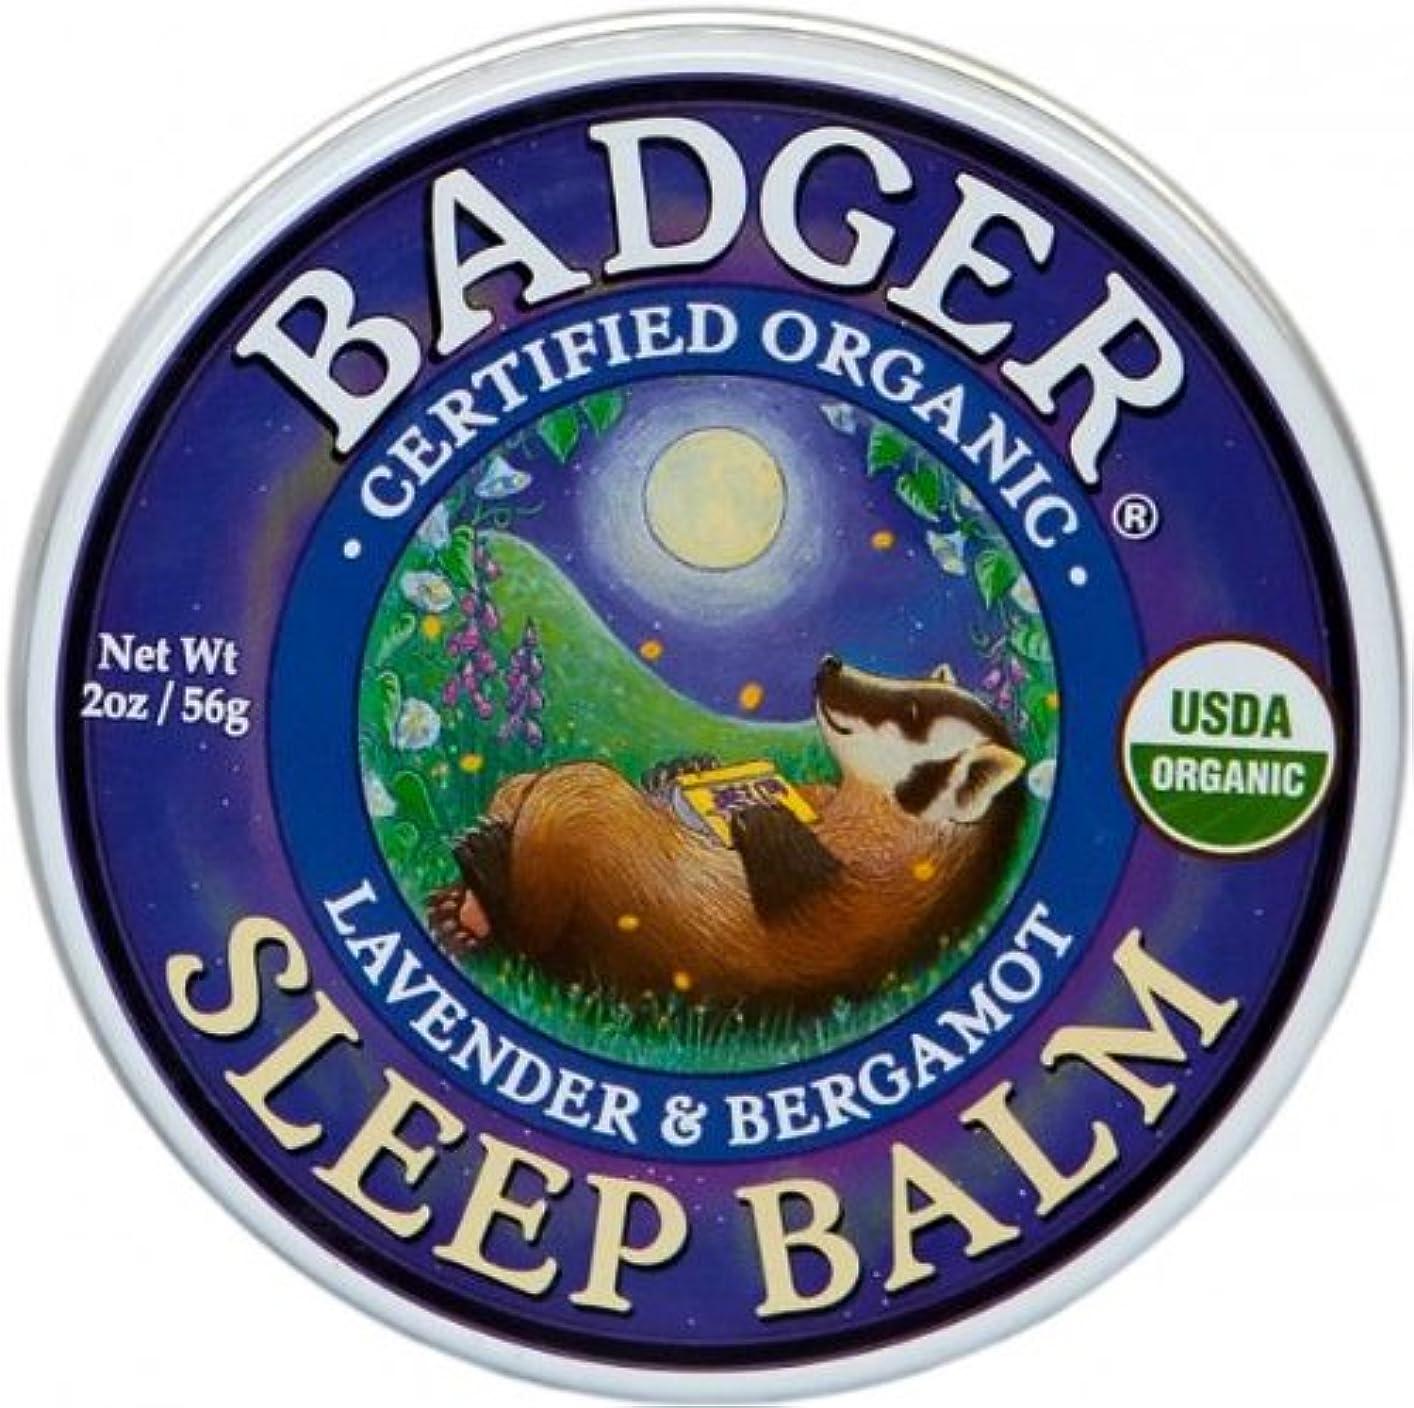 賞賛直径襟Badger バジャー オーガニック スリープバーム おやすみ前アロマクリーム【大サイズ】 56g【海外直送品】【並行輸入品】